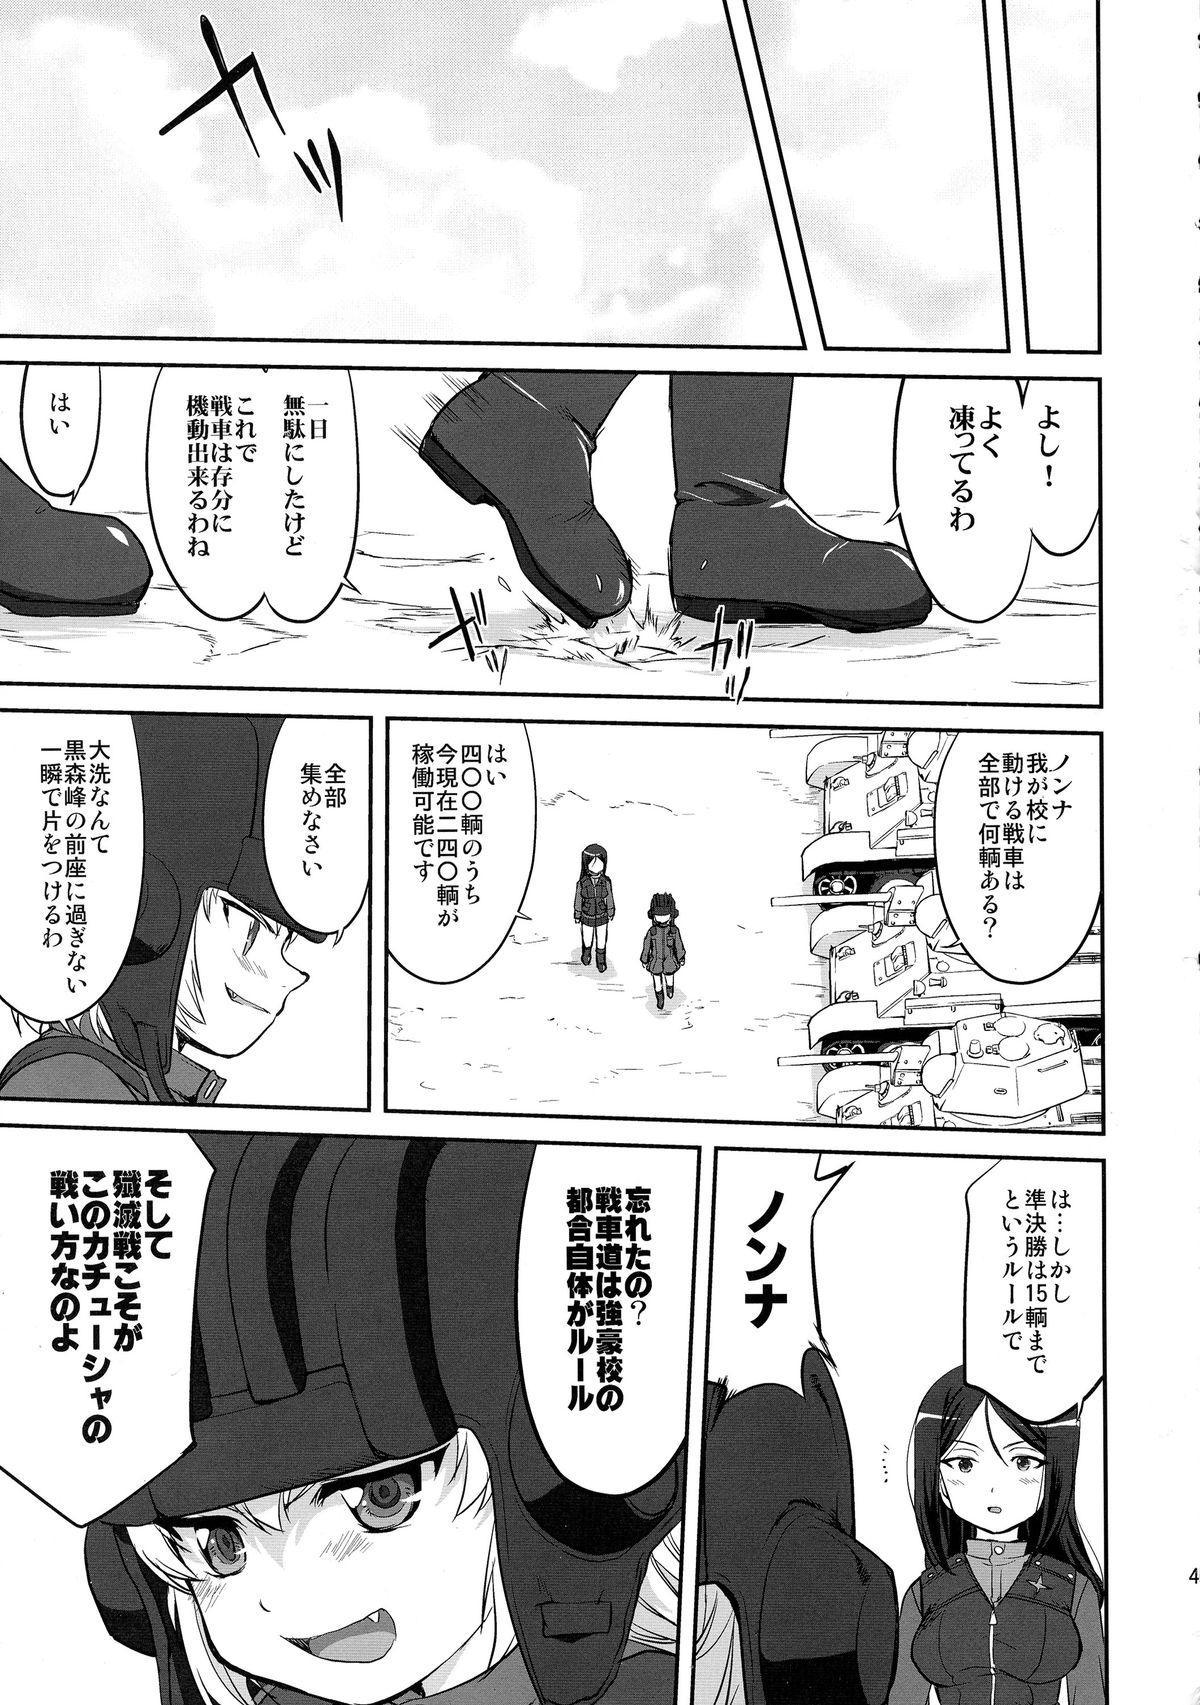 Yukiyukite Senshadou Battle of Pravda 40